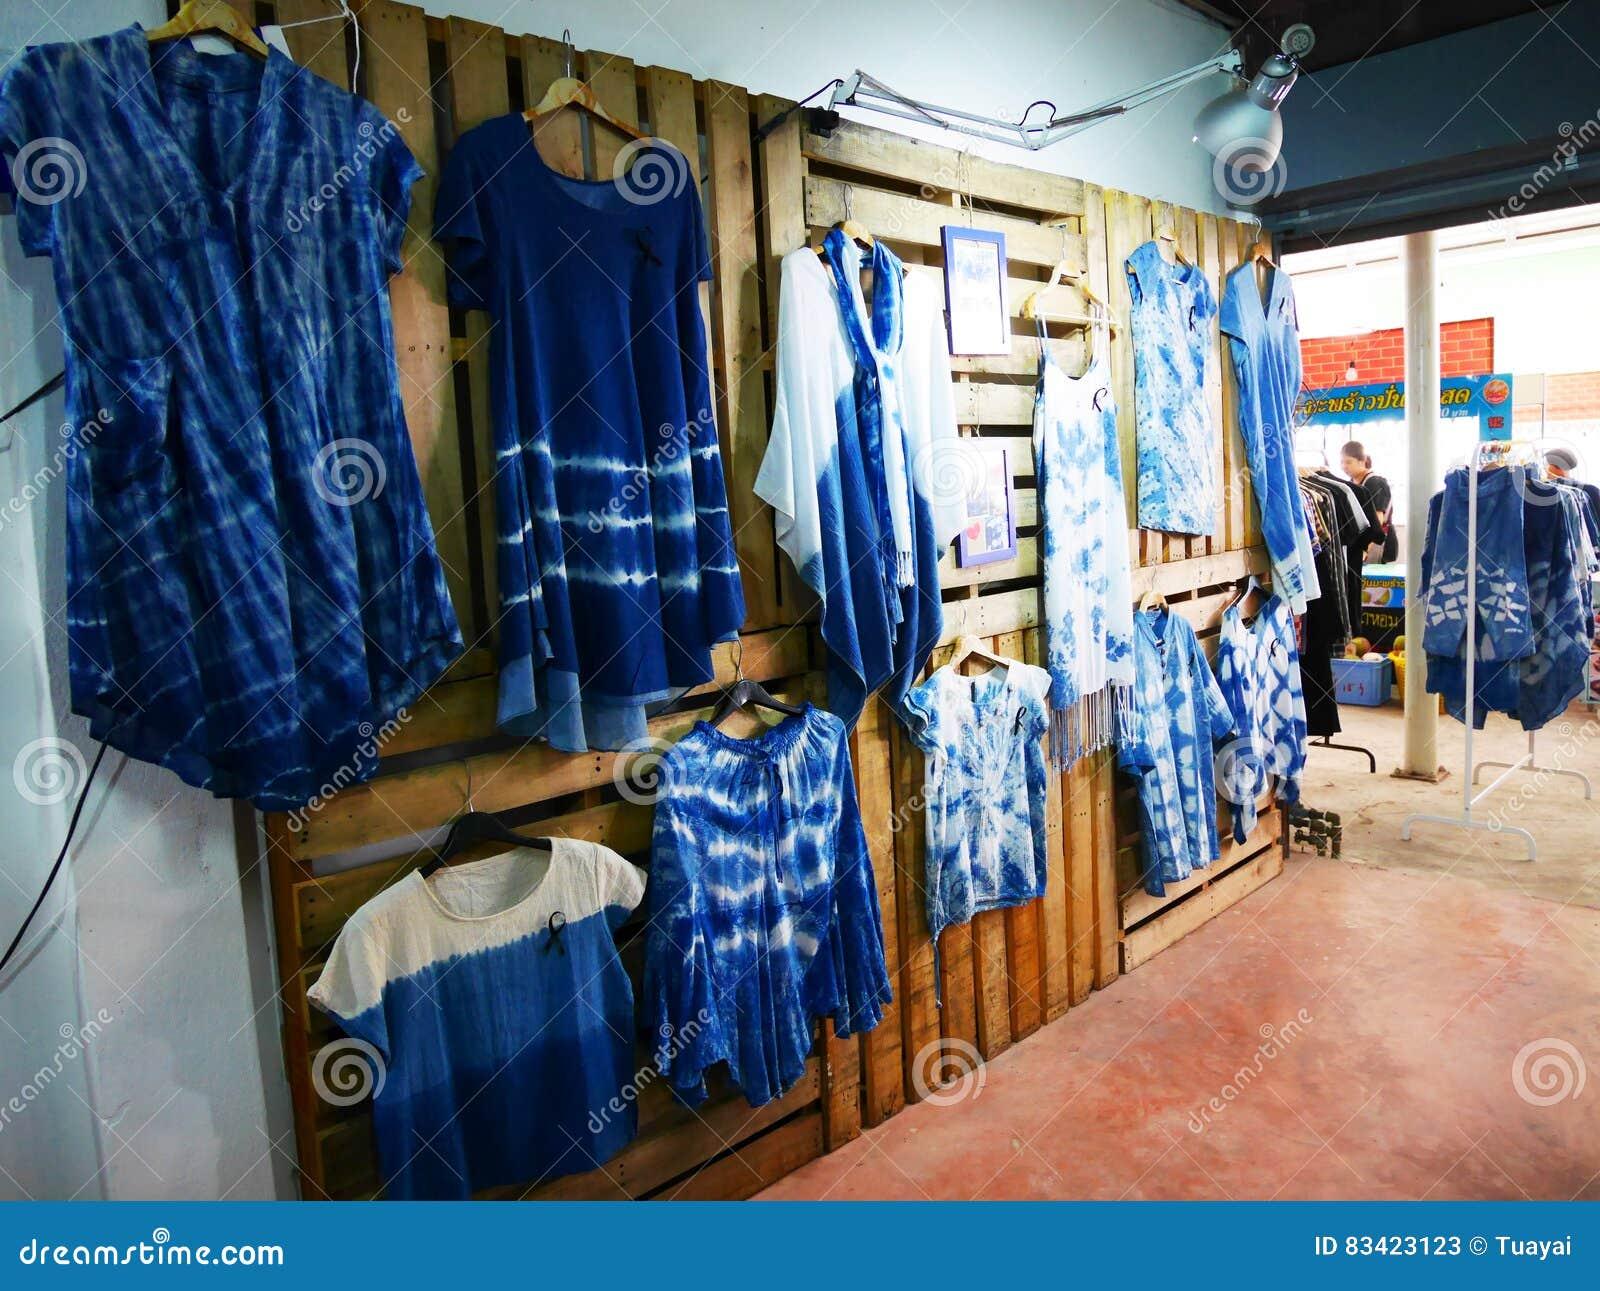 Mi Ropa De Teñido Mauhom I Del Batik Del Lazo De La Casa De Moda De La Tienda De La Ropa Foto De Archivo Editorial Imagen De Ropas Azul 83423123